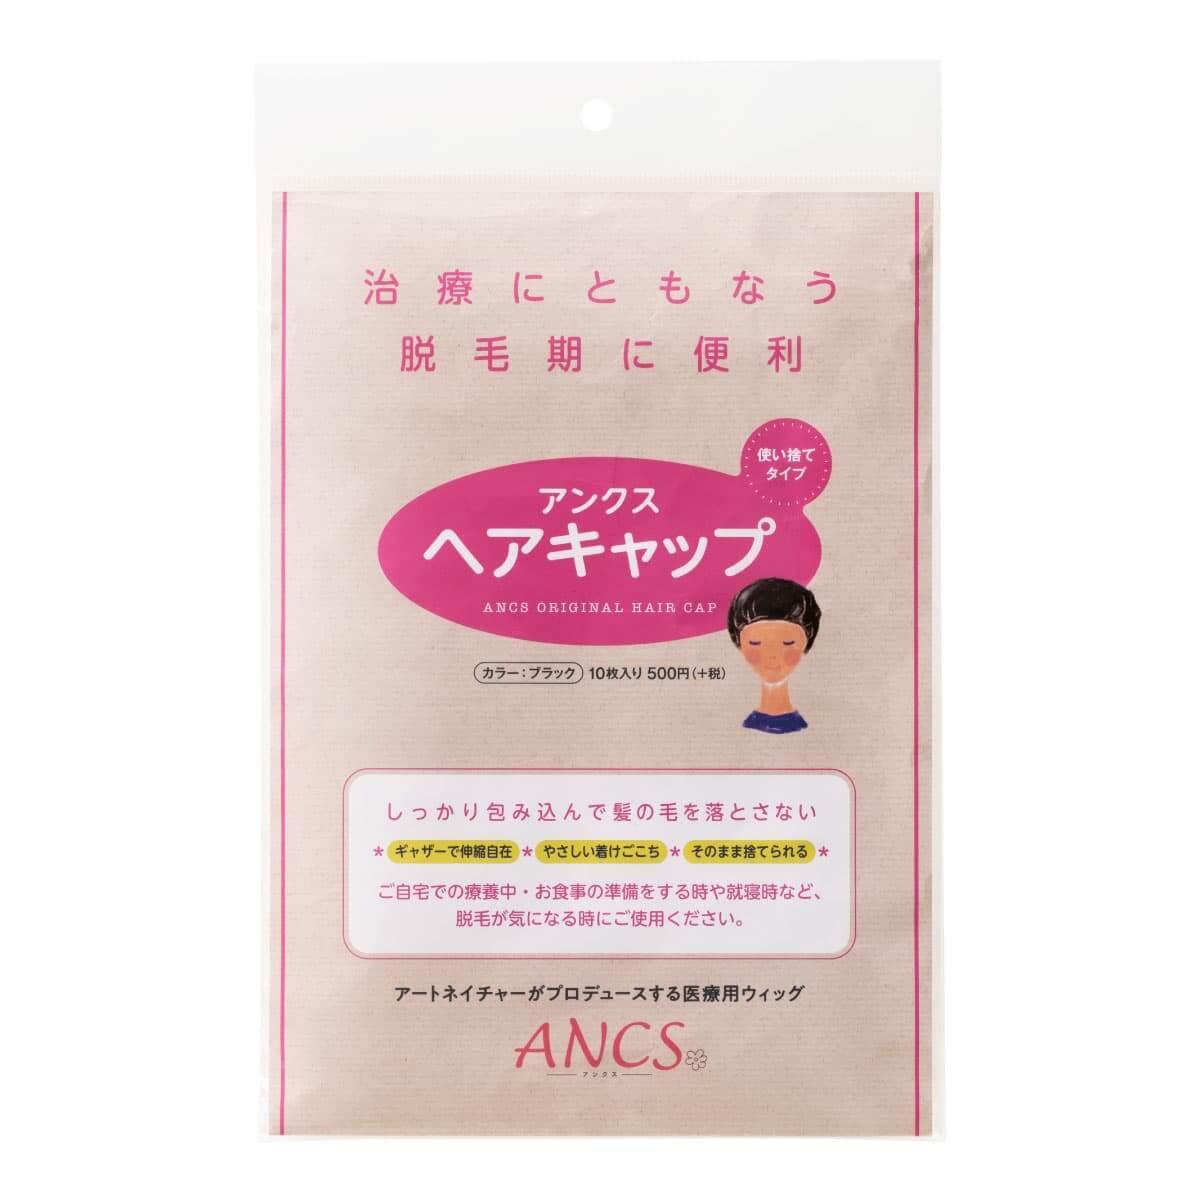 ANCS ヘアキャップ(使い捨てヘアキャップ)